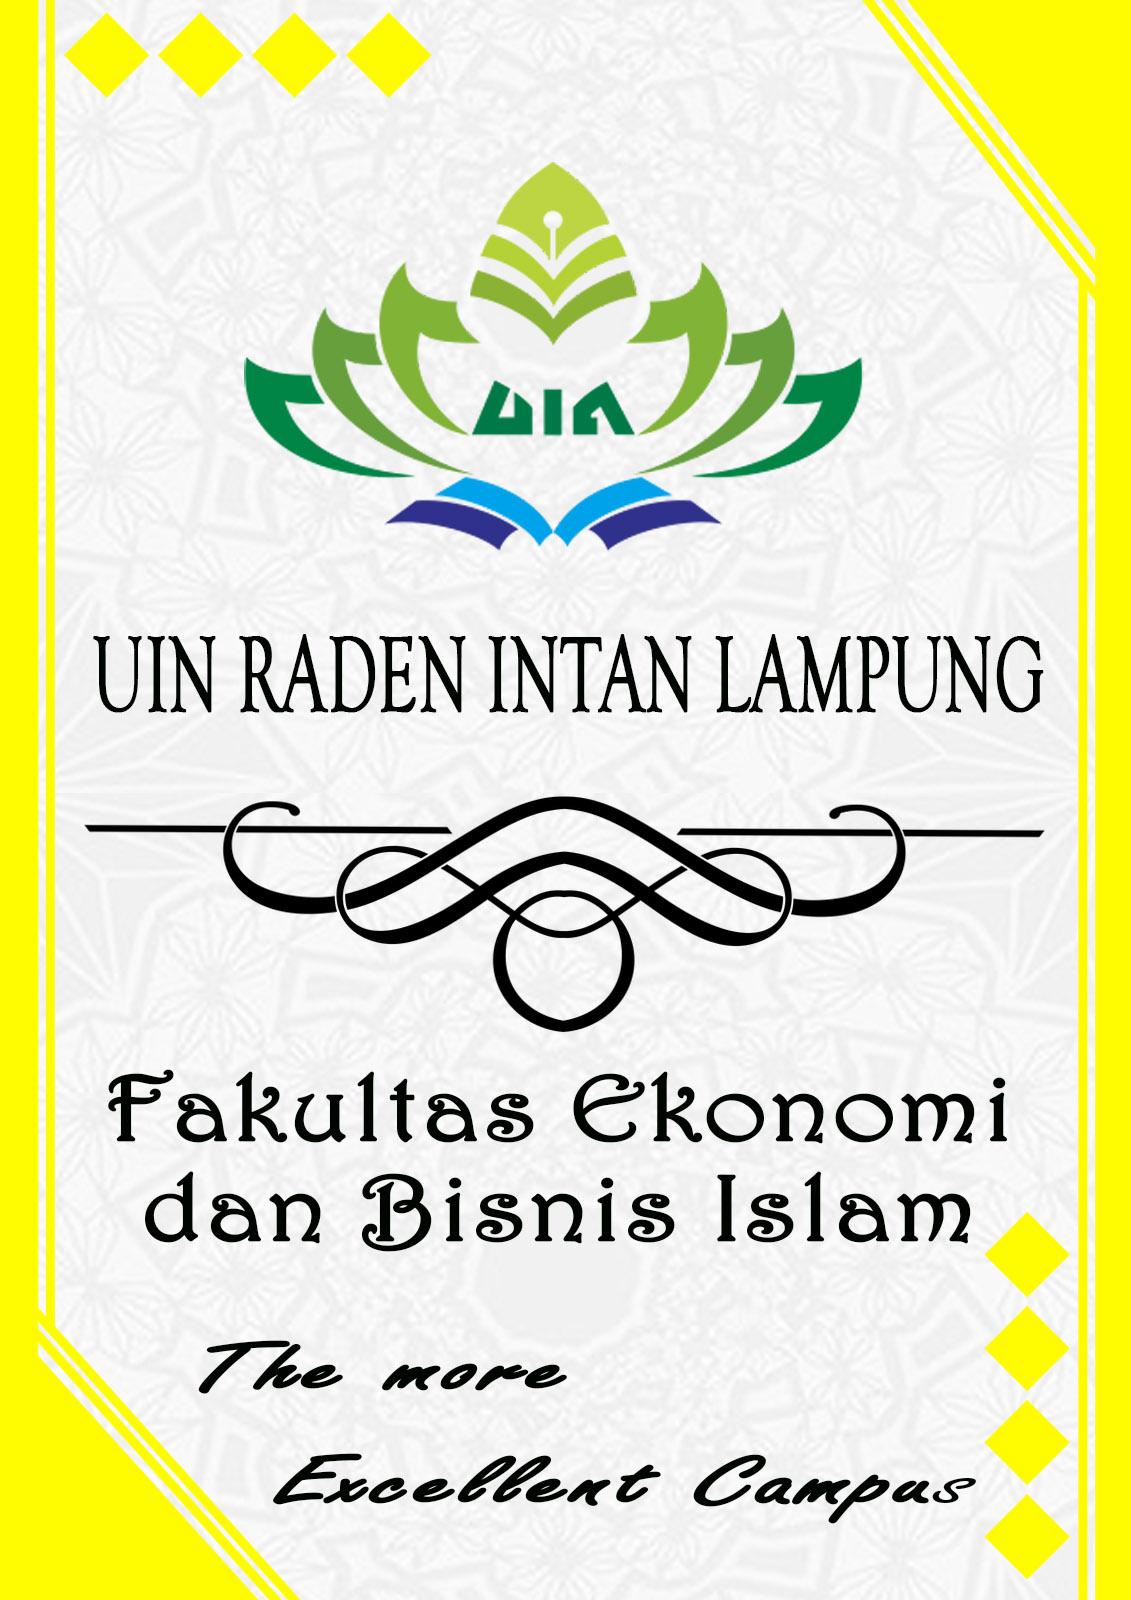 Arsip Pengumuman Fakultas Ekonomi Dan Bisnis Islam Uin Raden Intan Lampung